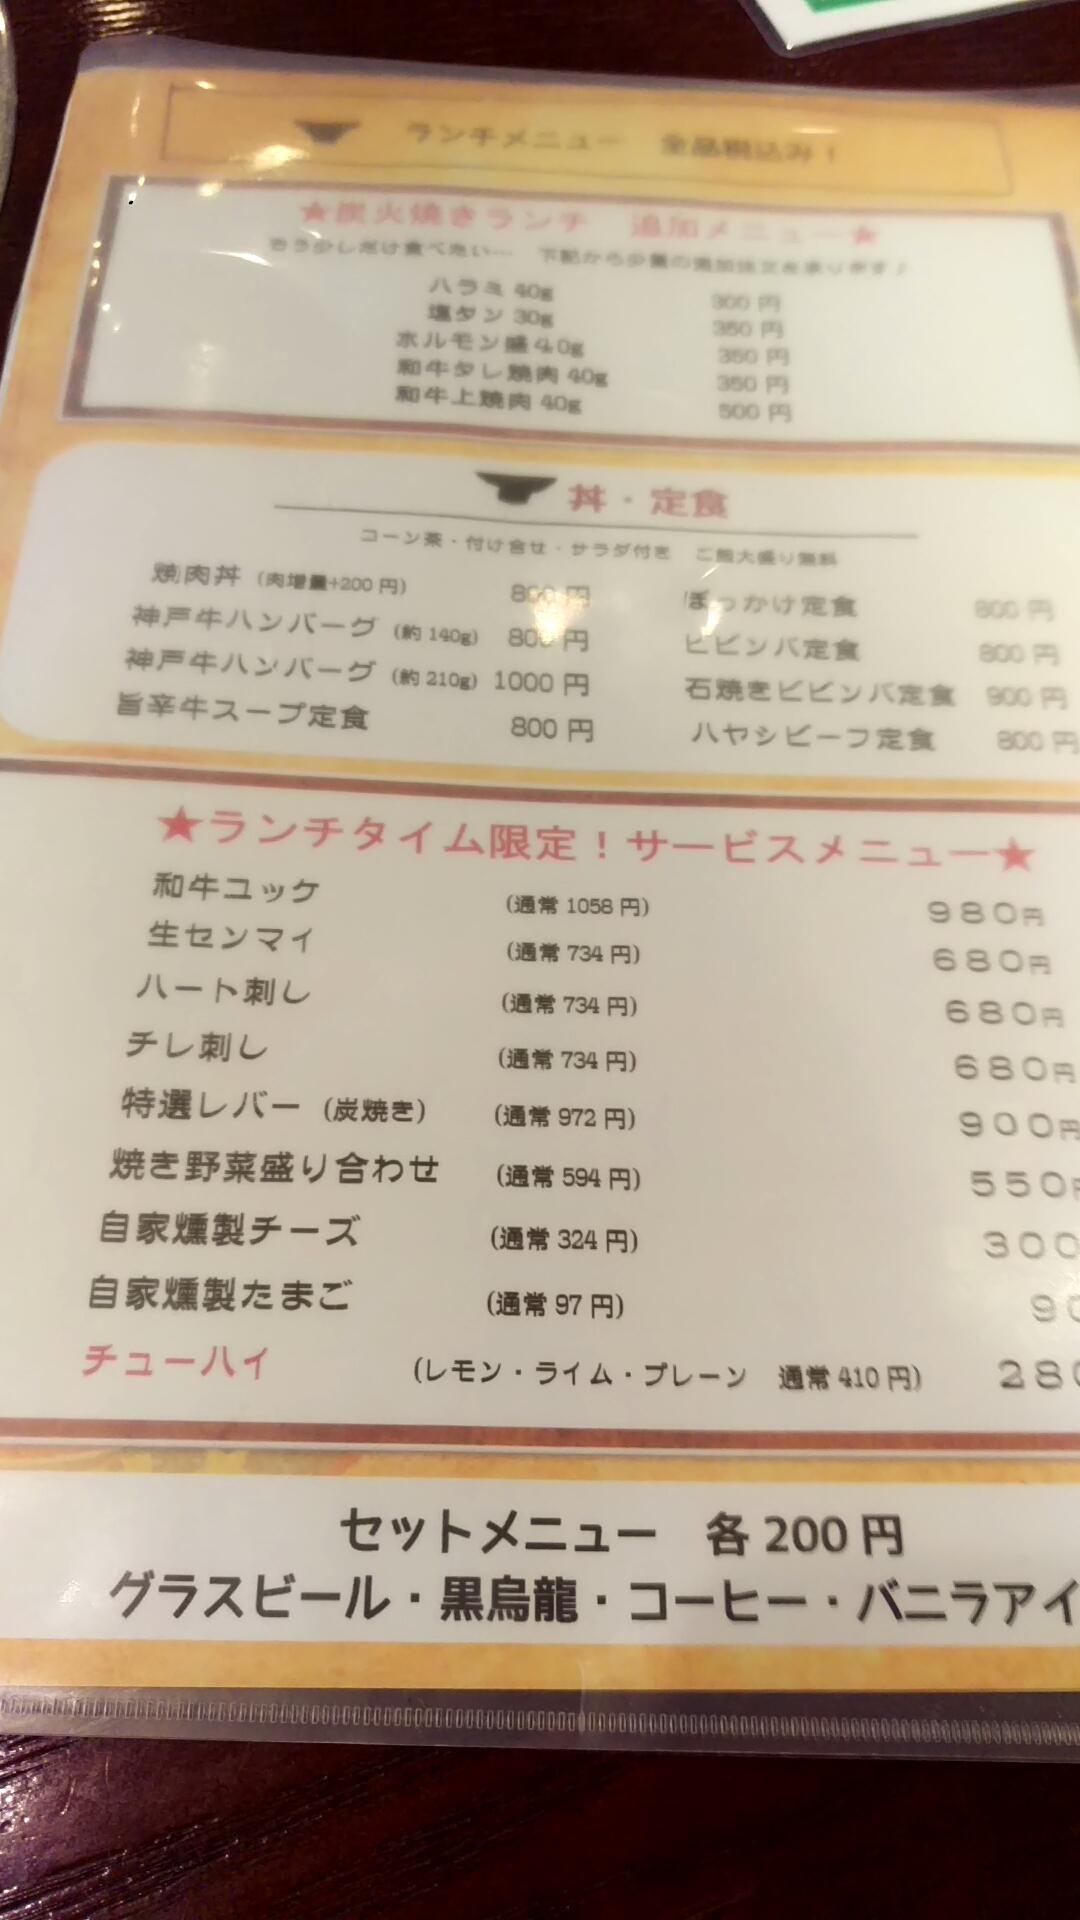 ランチメニュー うら 肉が追加できる!!